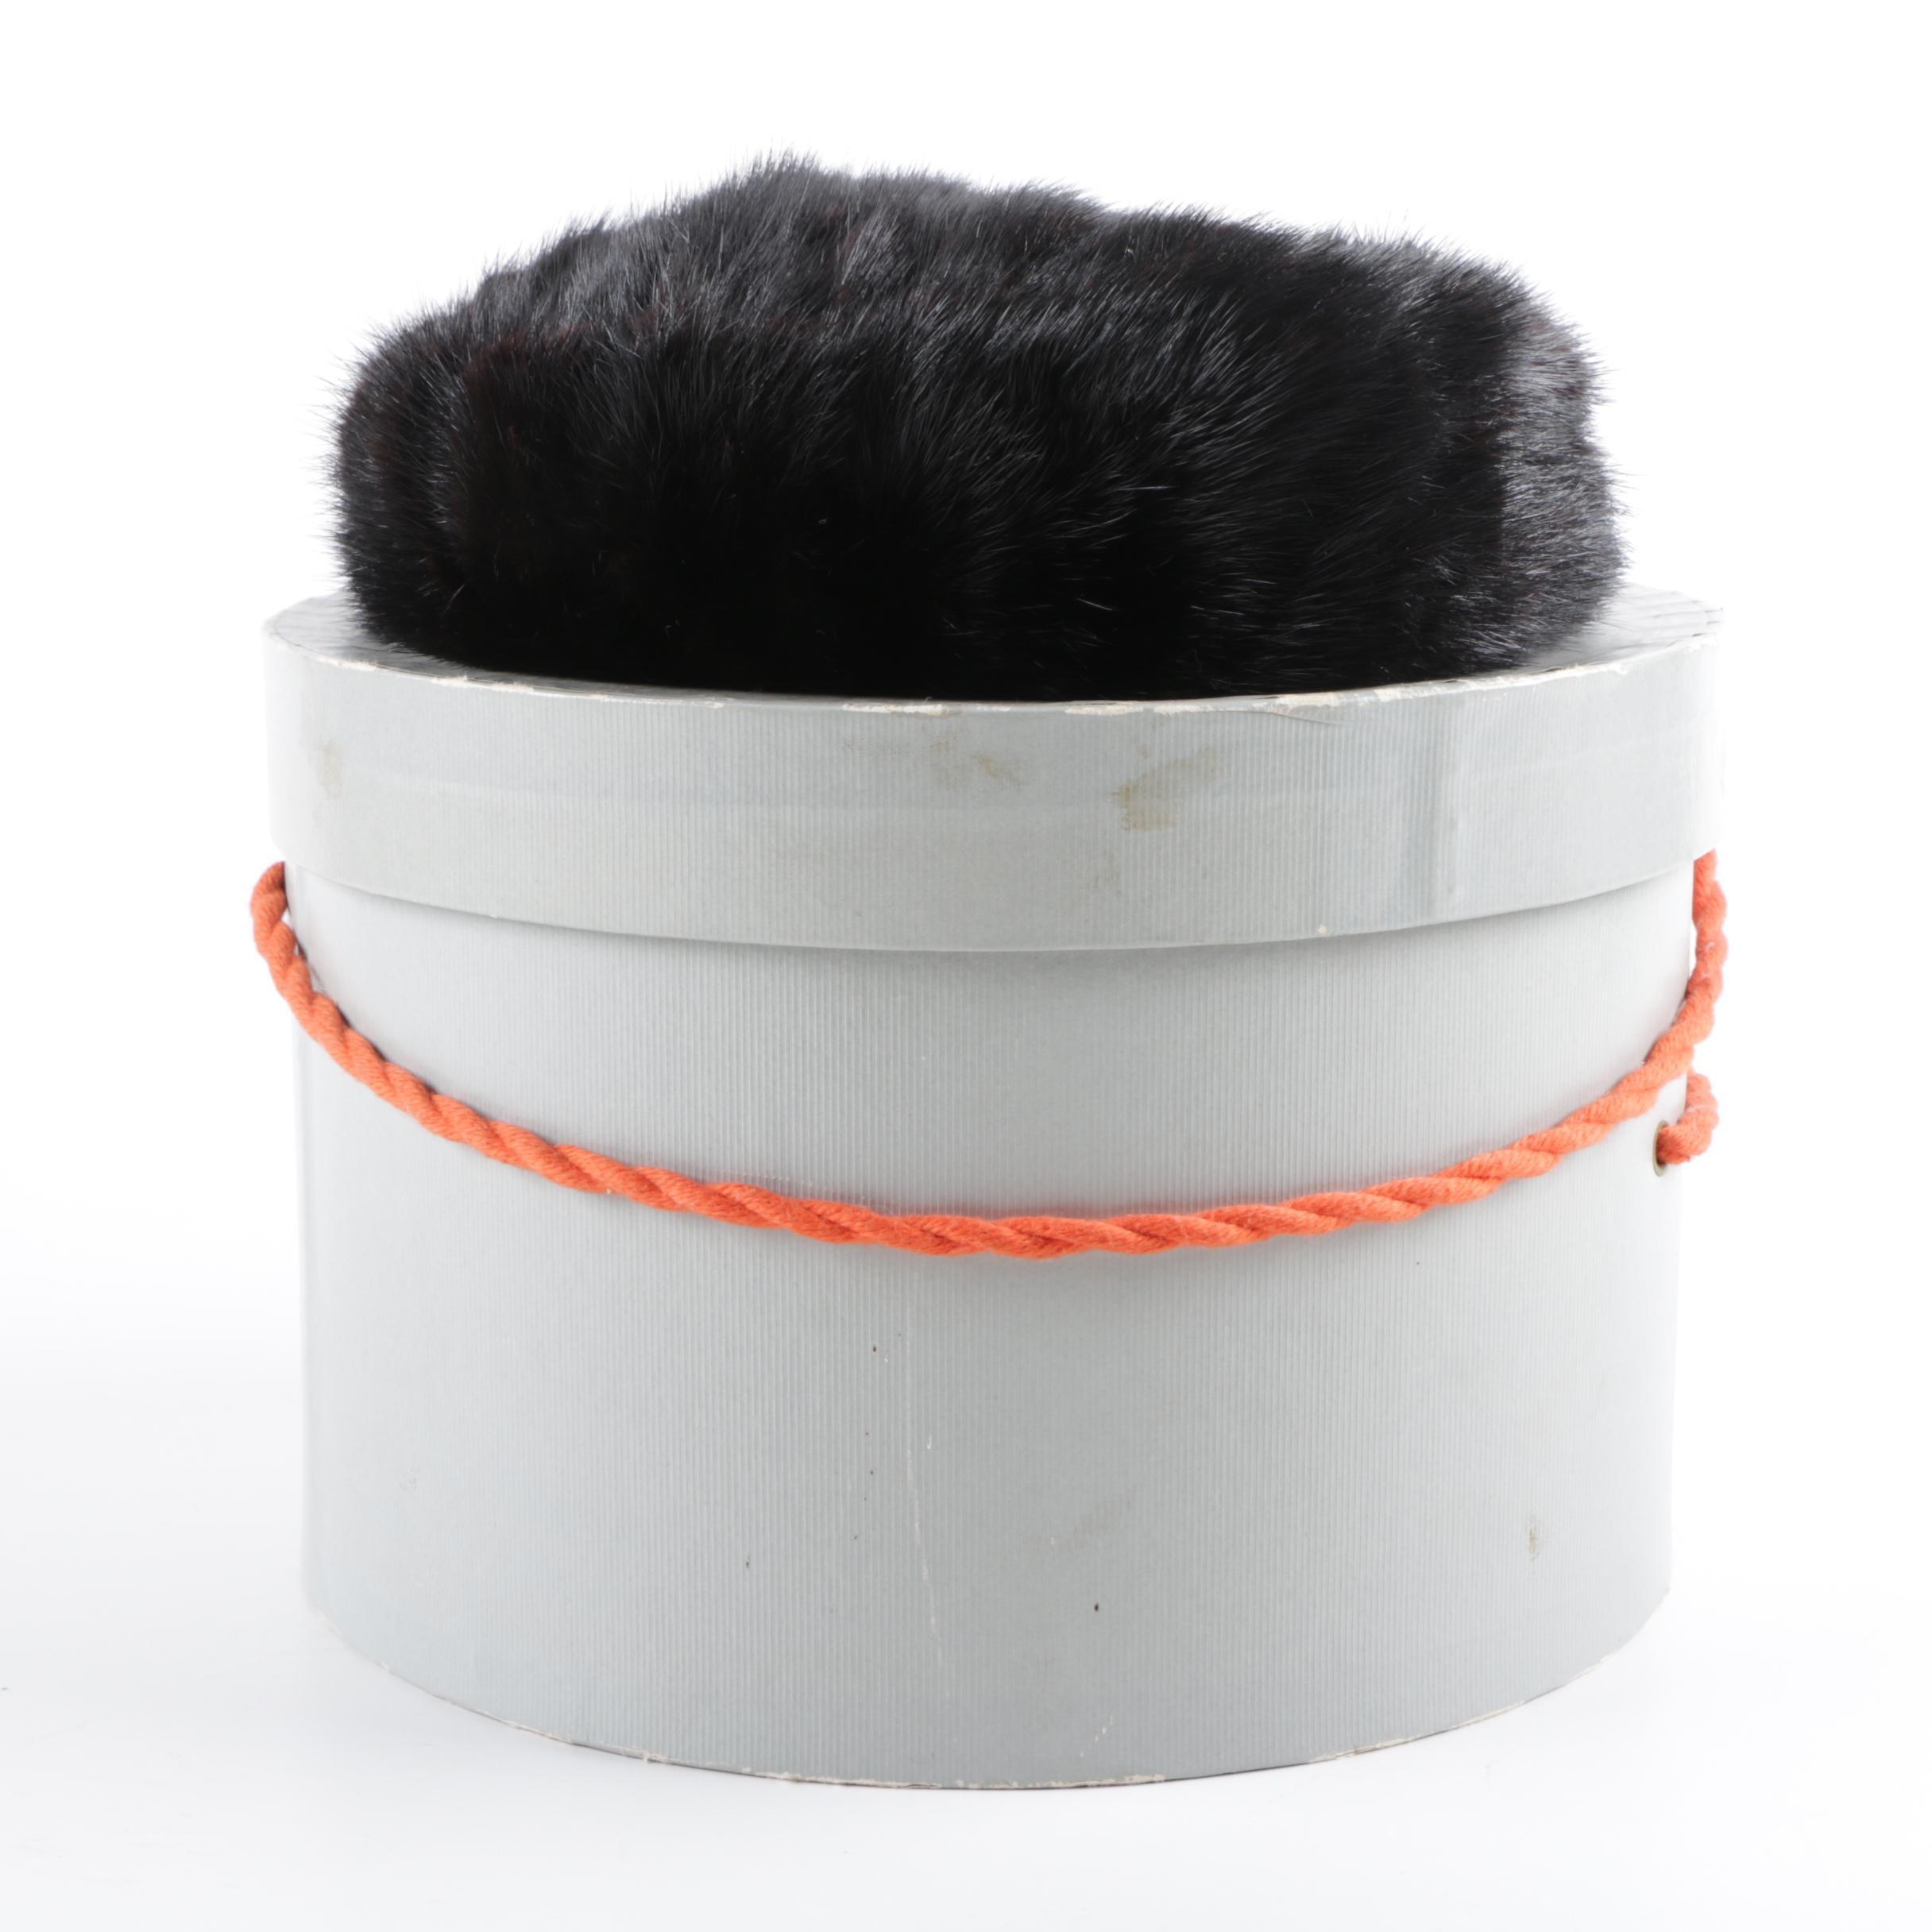 Vintage Miss Alice Black Mink Fur Hat